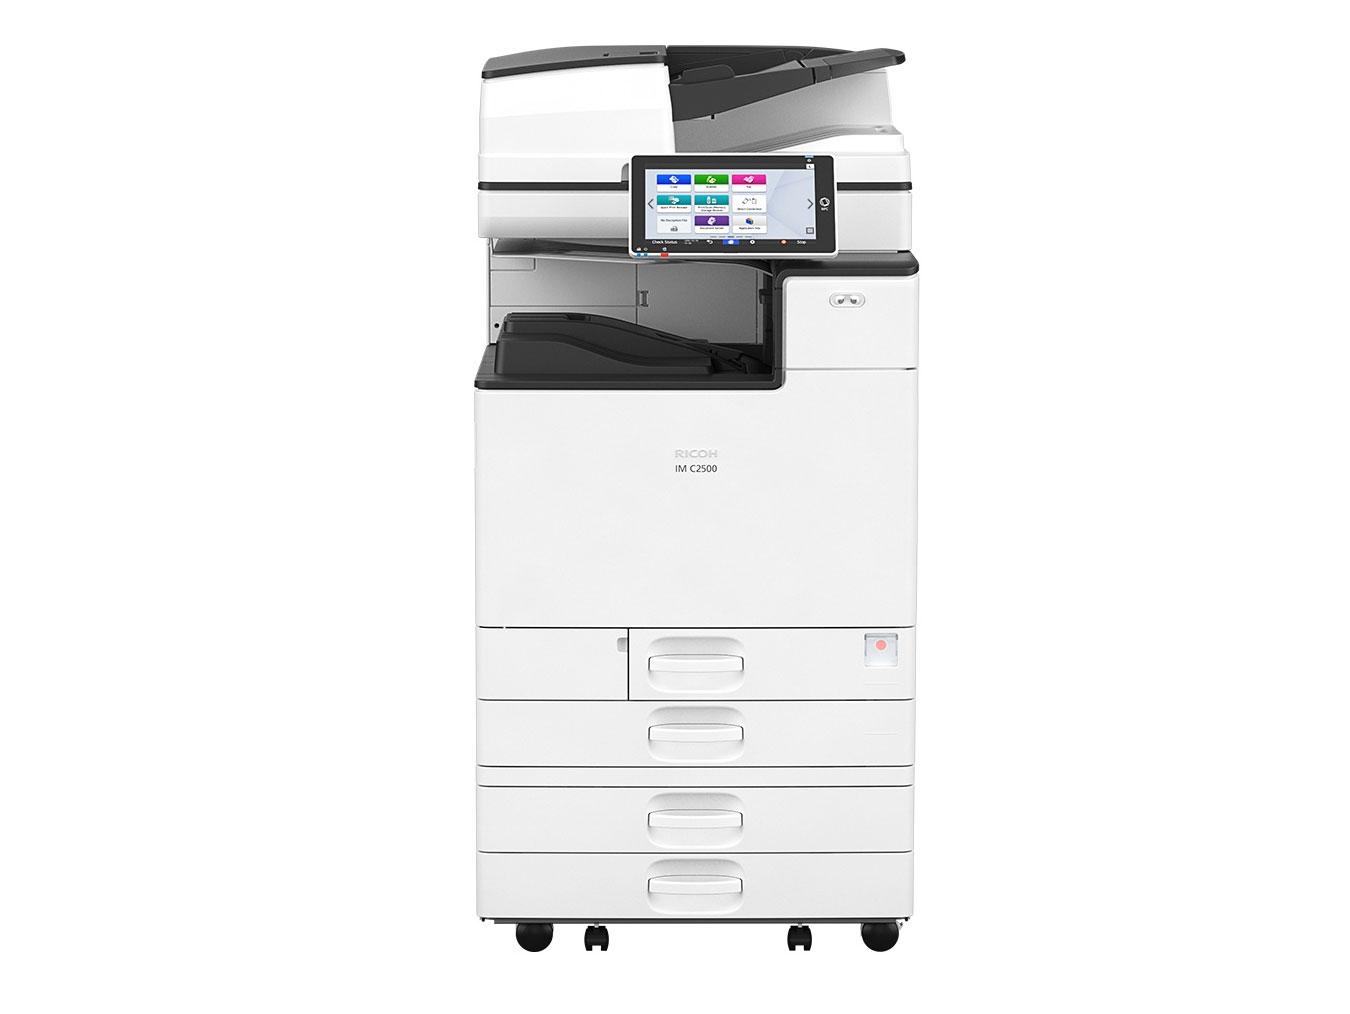 Fotocopiadora IM C4500 usada